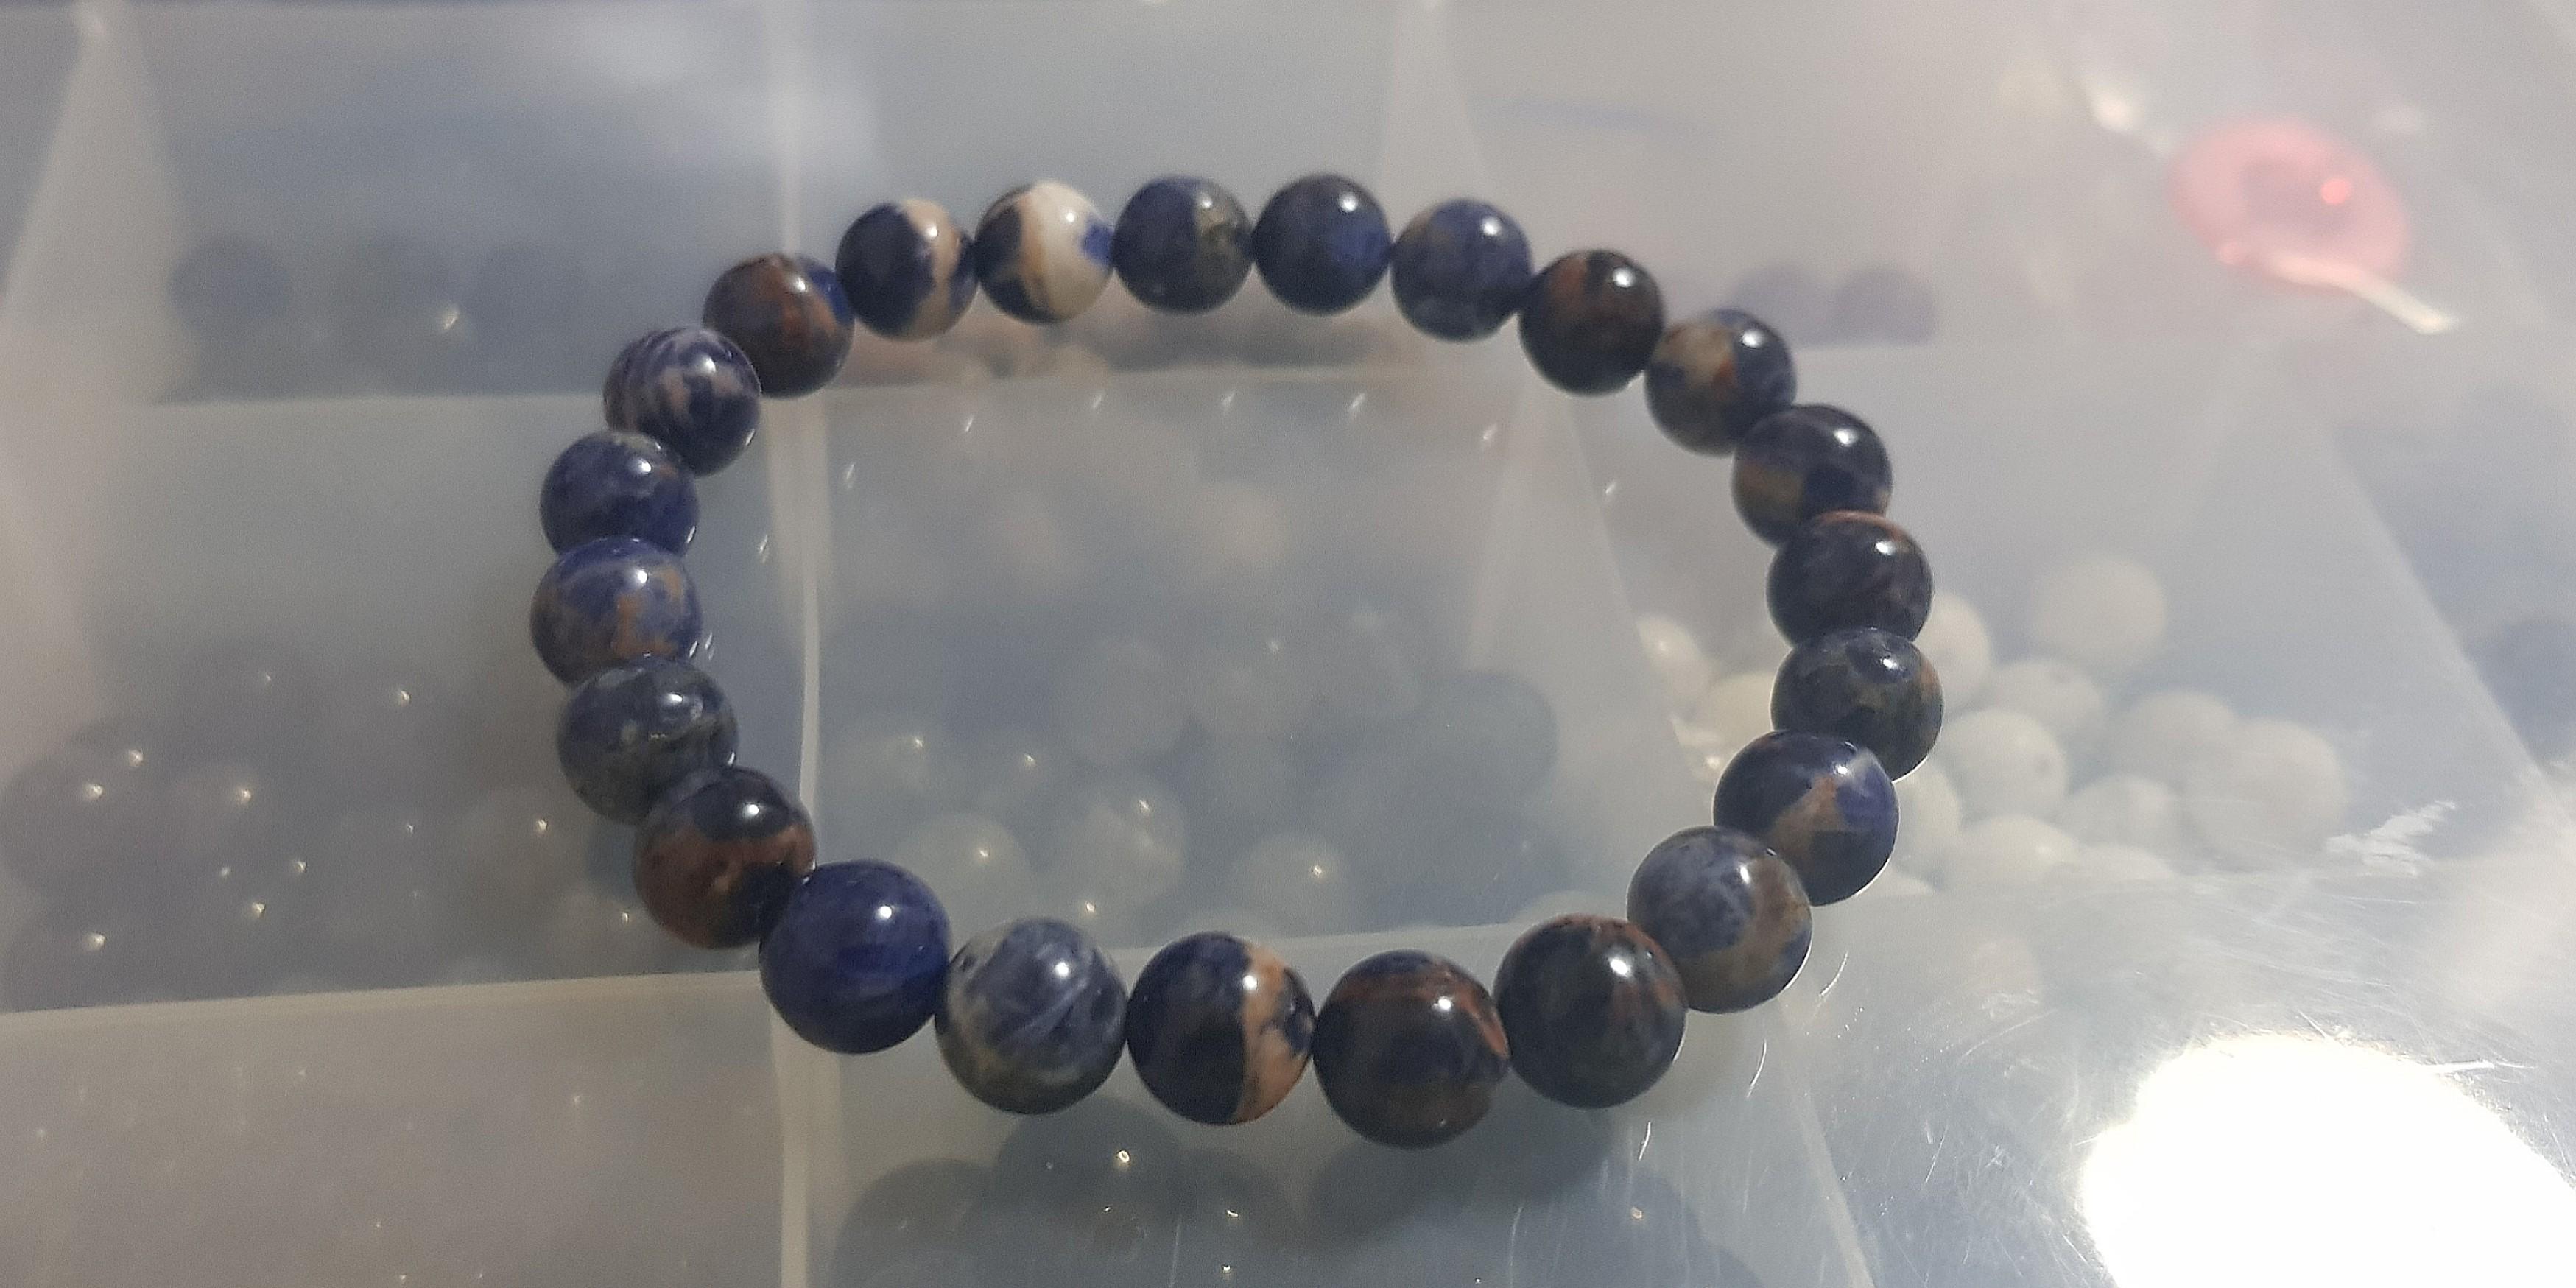 14ff2200612 Sodalite Bracelet 苏打石手链, Women's Fashion, Jewellery, Bracelets ...